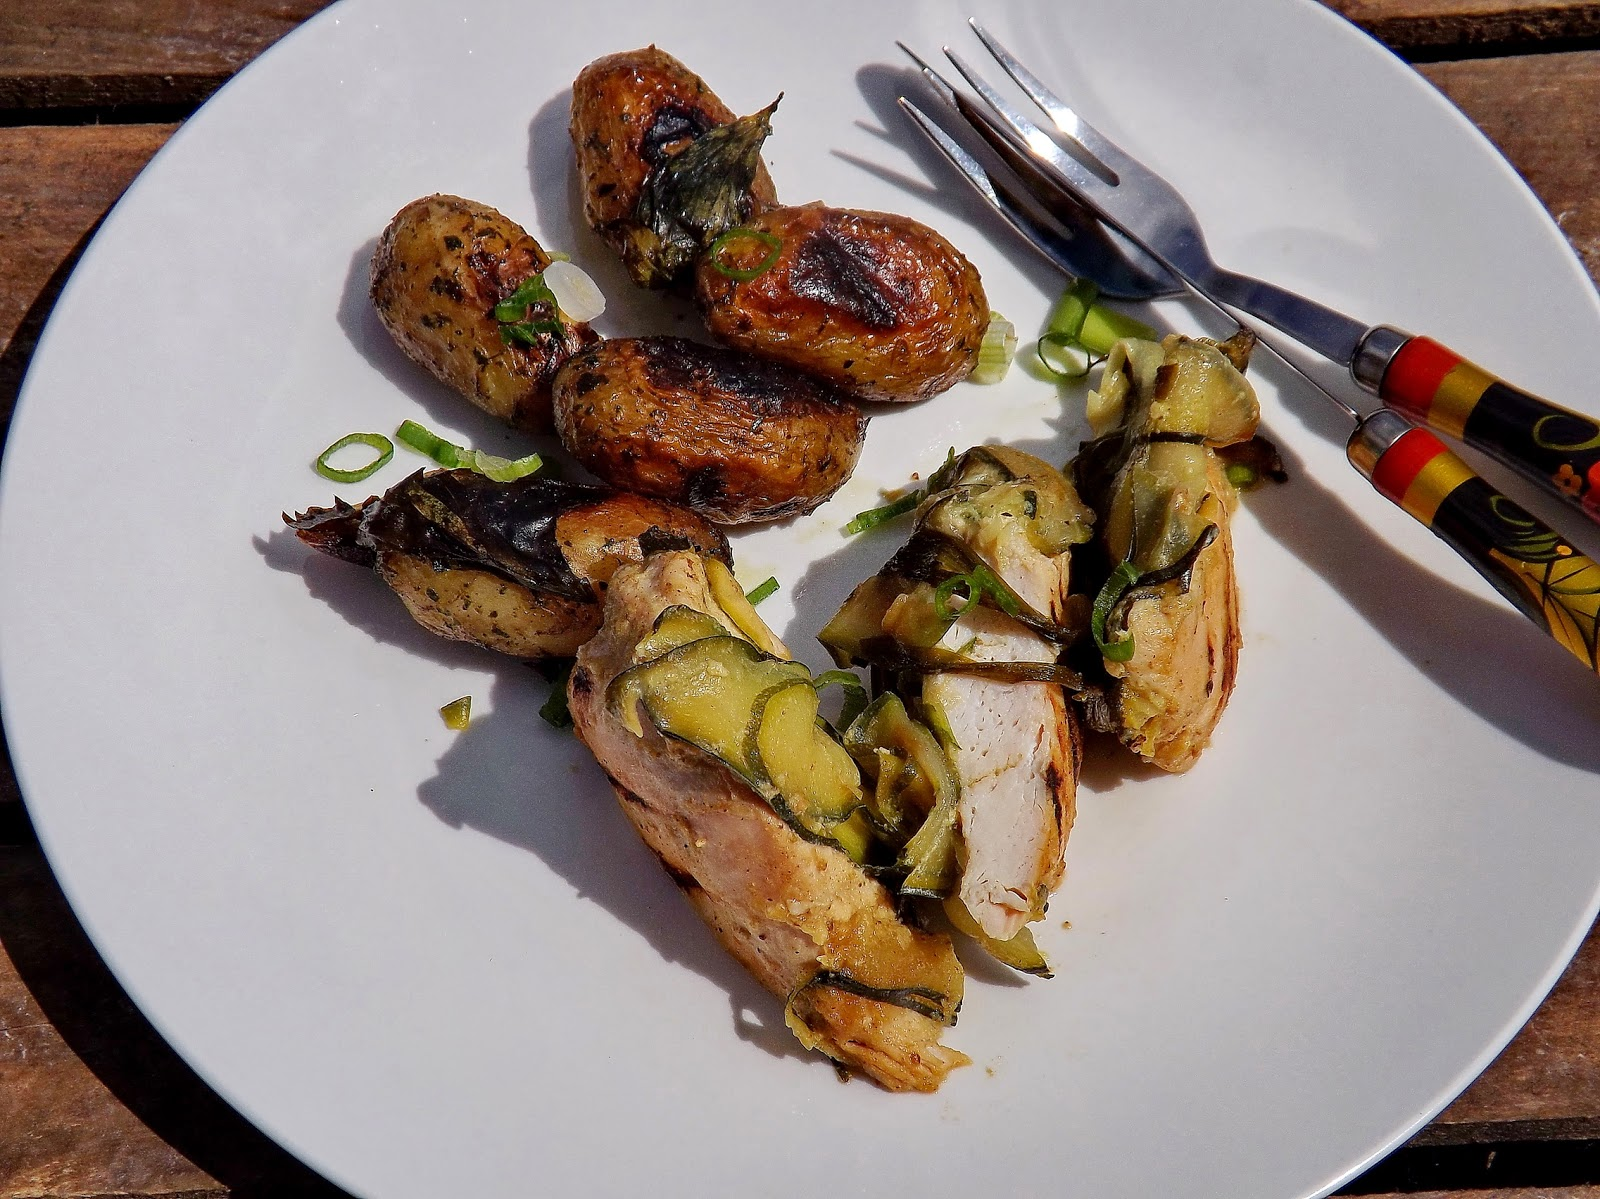 Grillowany kurczak z cukinią i ziemniakami